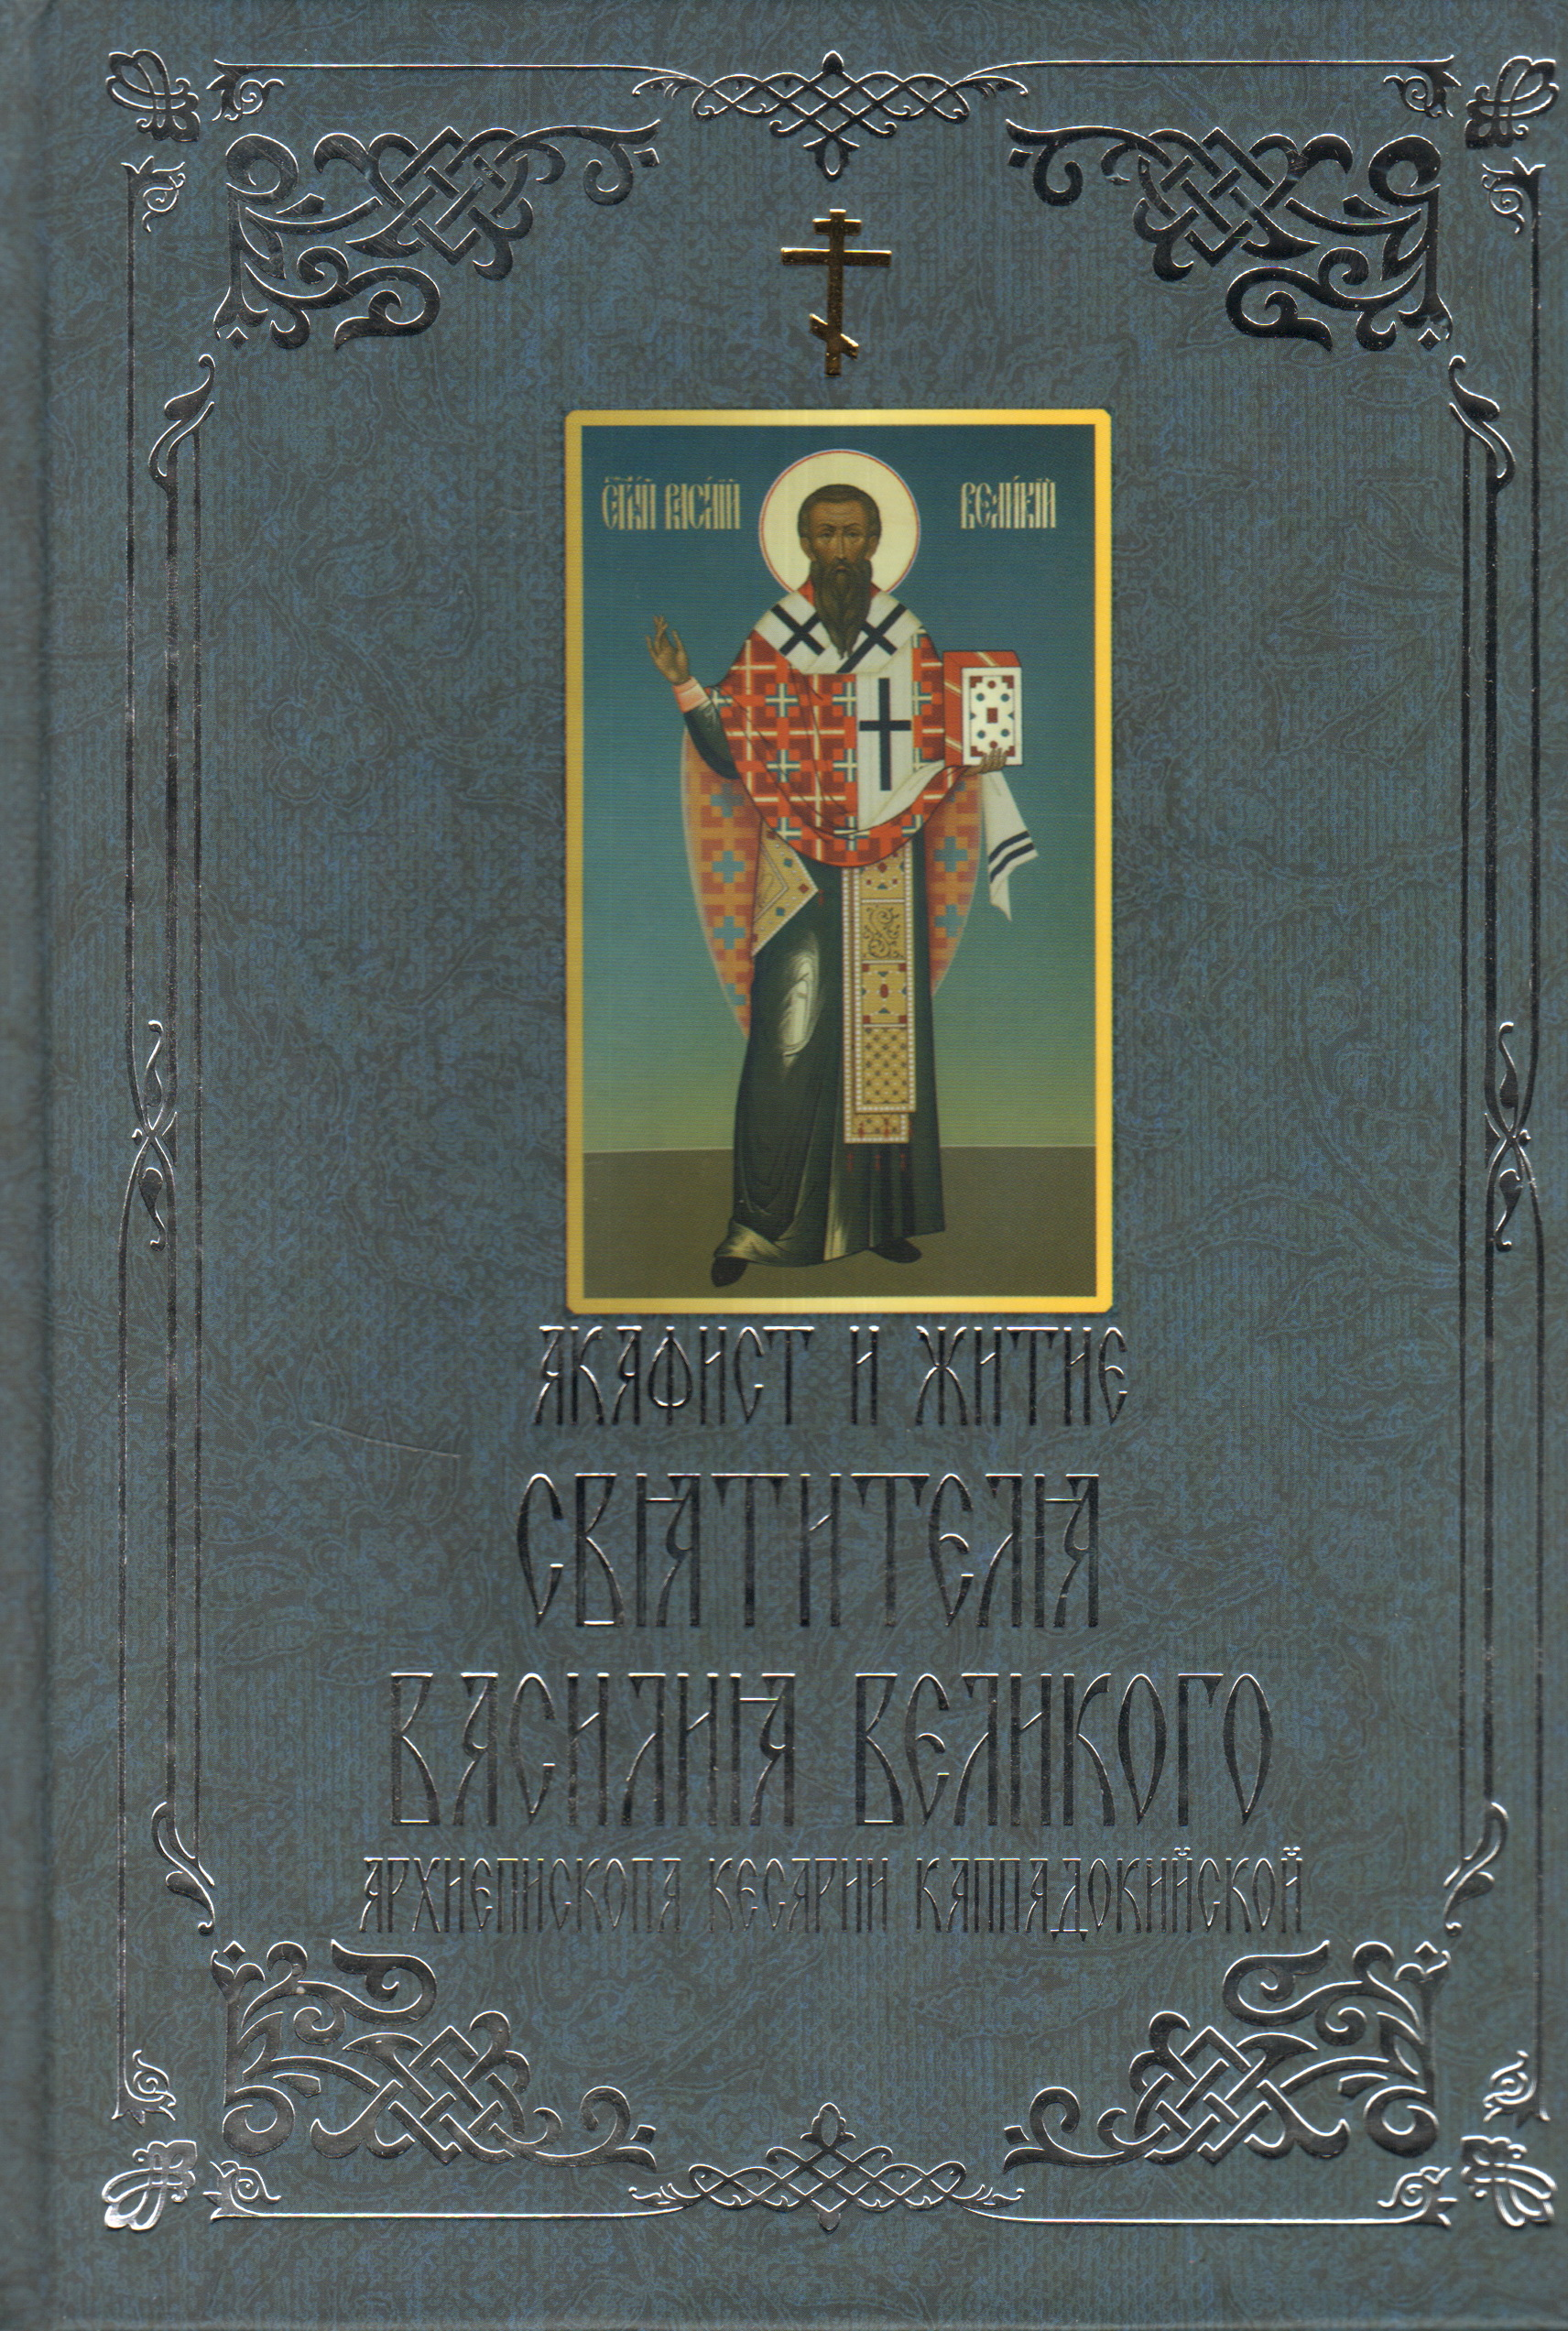 Акафист и житие Святителя Василия Великого